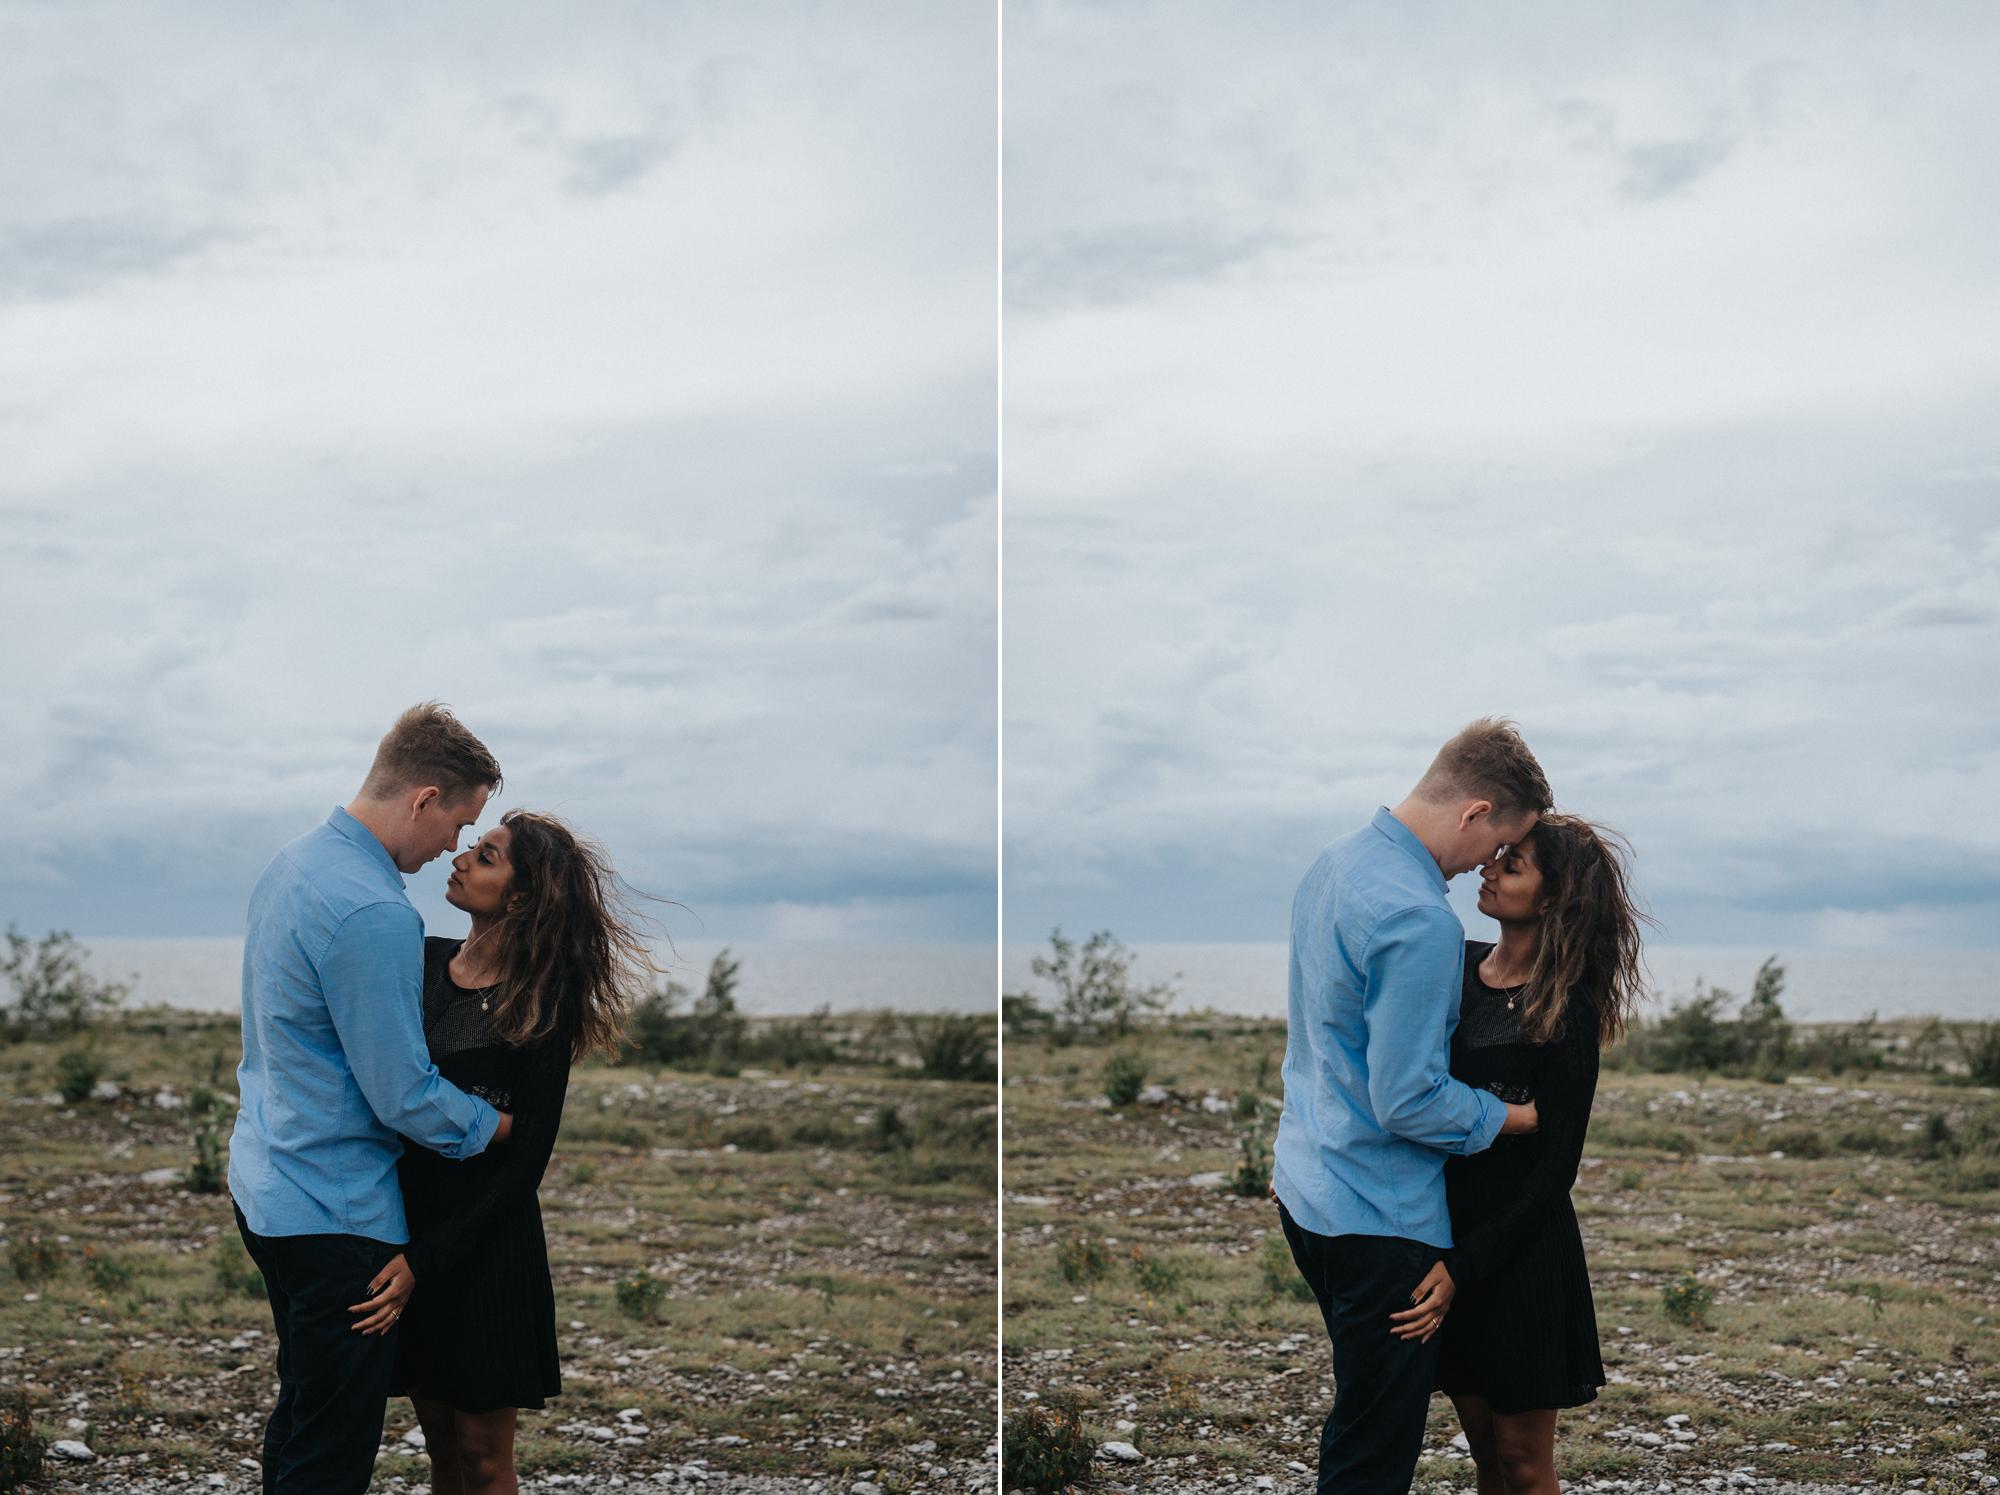 039-kärleksfotografering-gotland-neas-fotografi.jpg